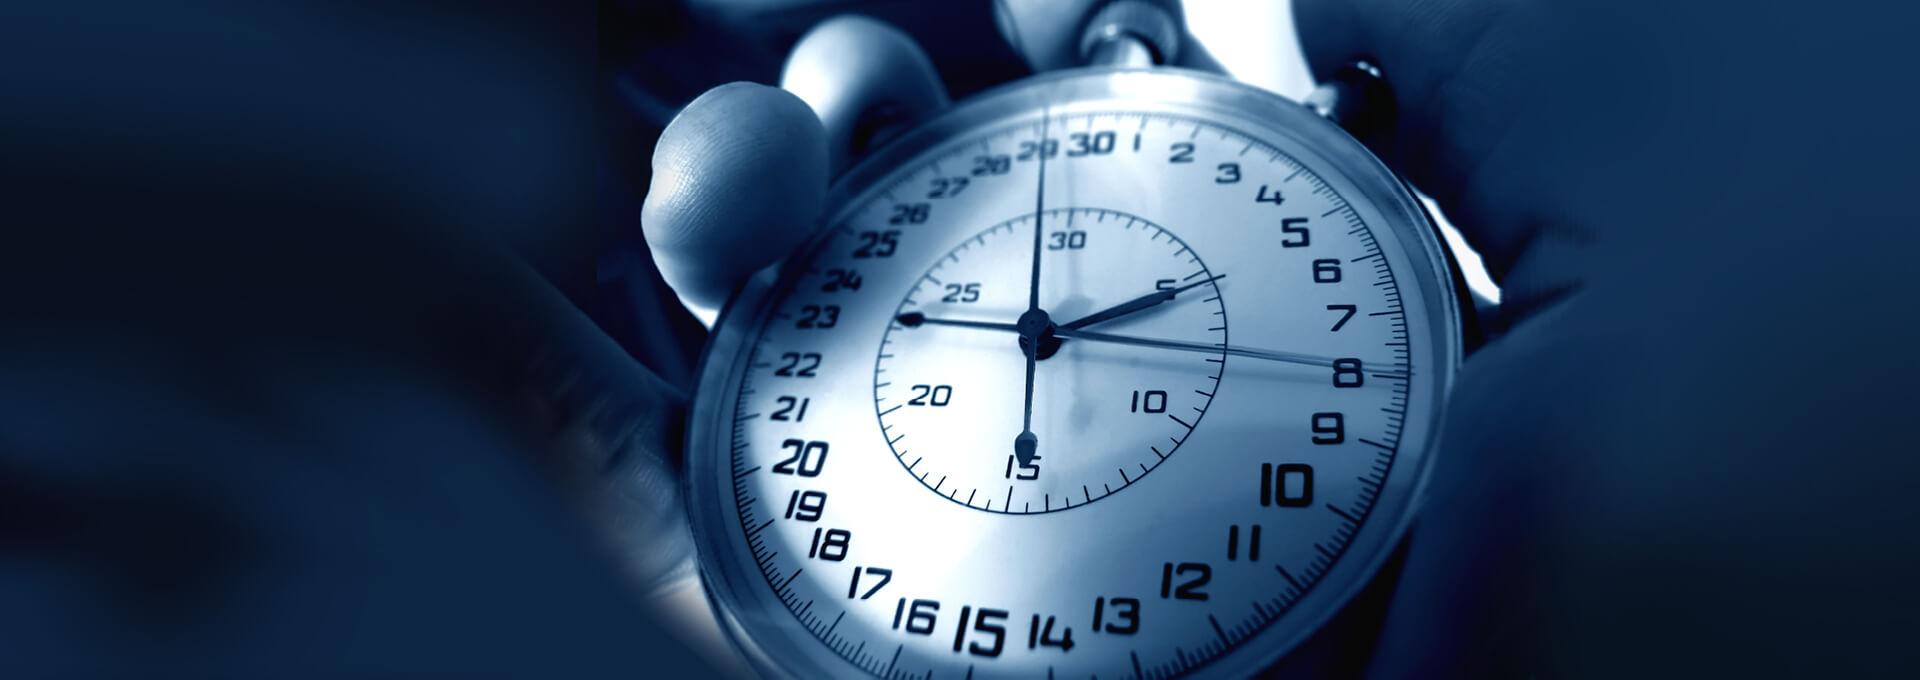 dominio-tempo-maico-introbanner